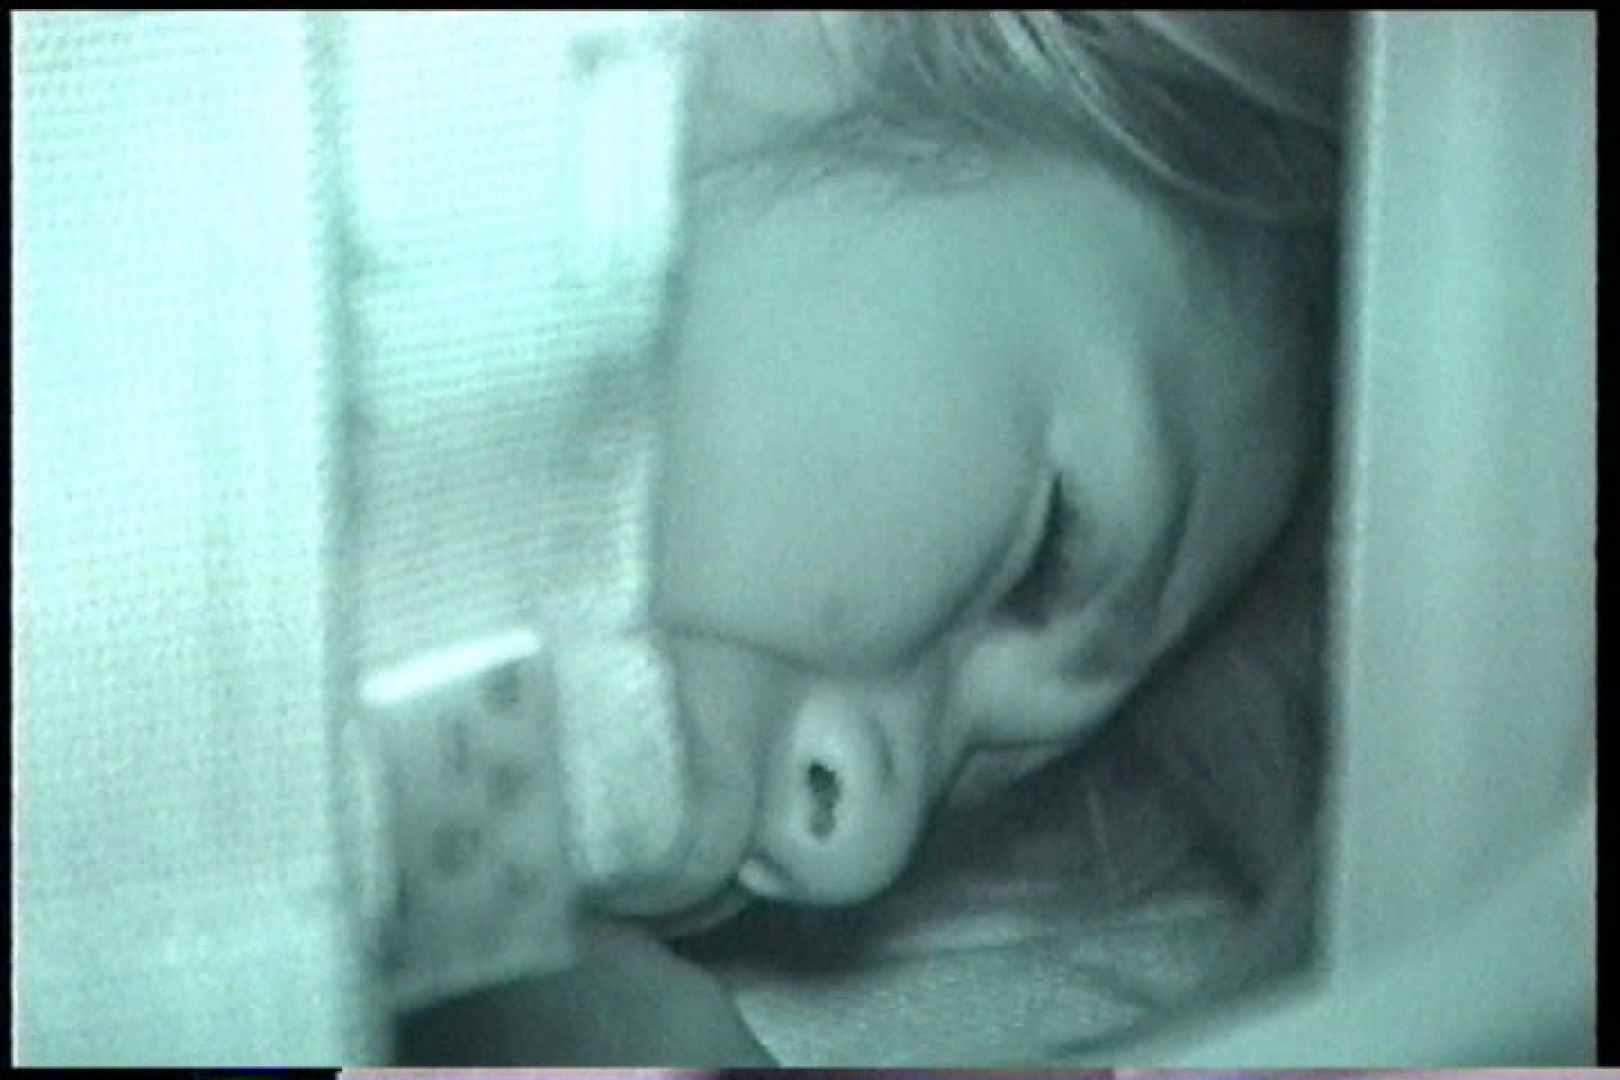 充血監督の深夜の運動会Vol.227 OLエロ画像 のぞきエロ無料画像 69PICs 14